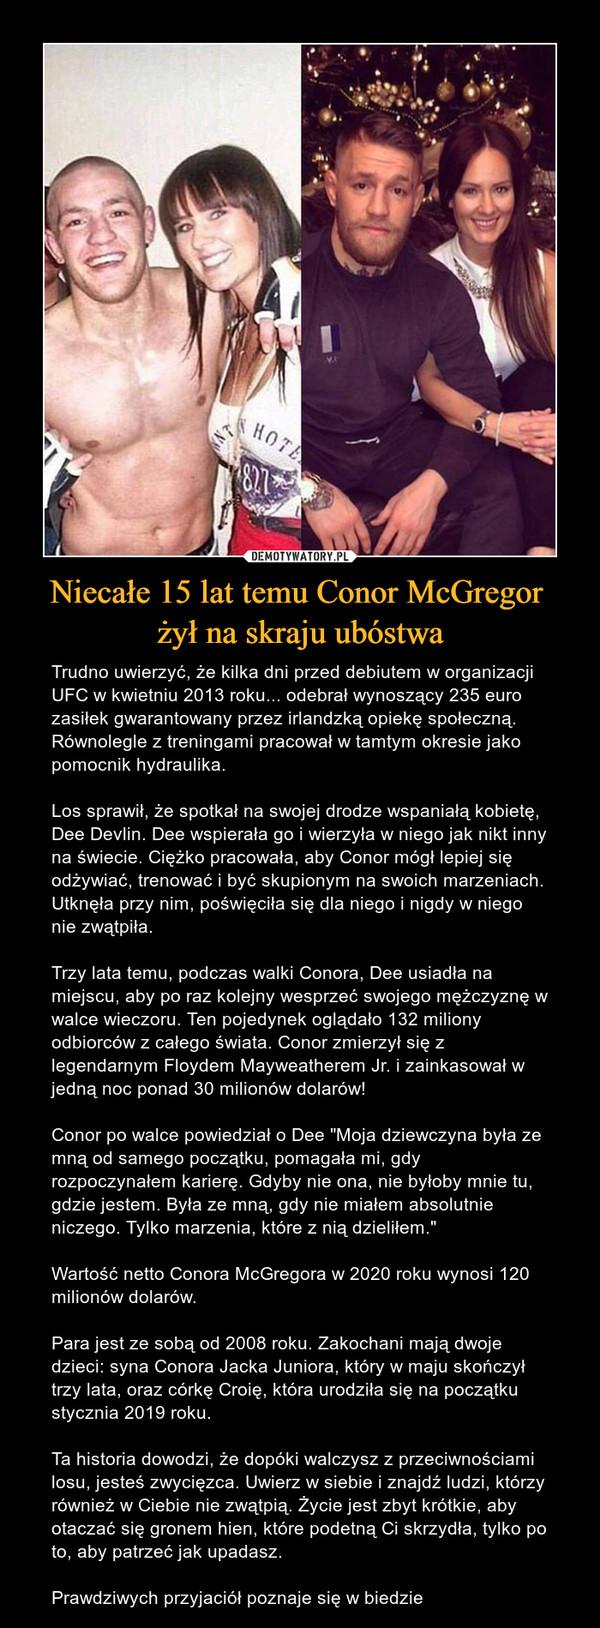 Niecałe 15 lat temu Conor McGregor  żył na skraju ubóstwa